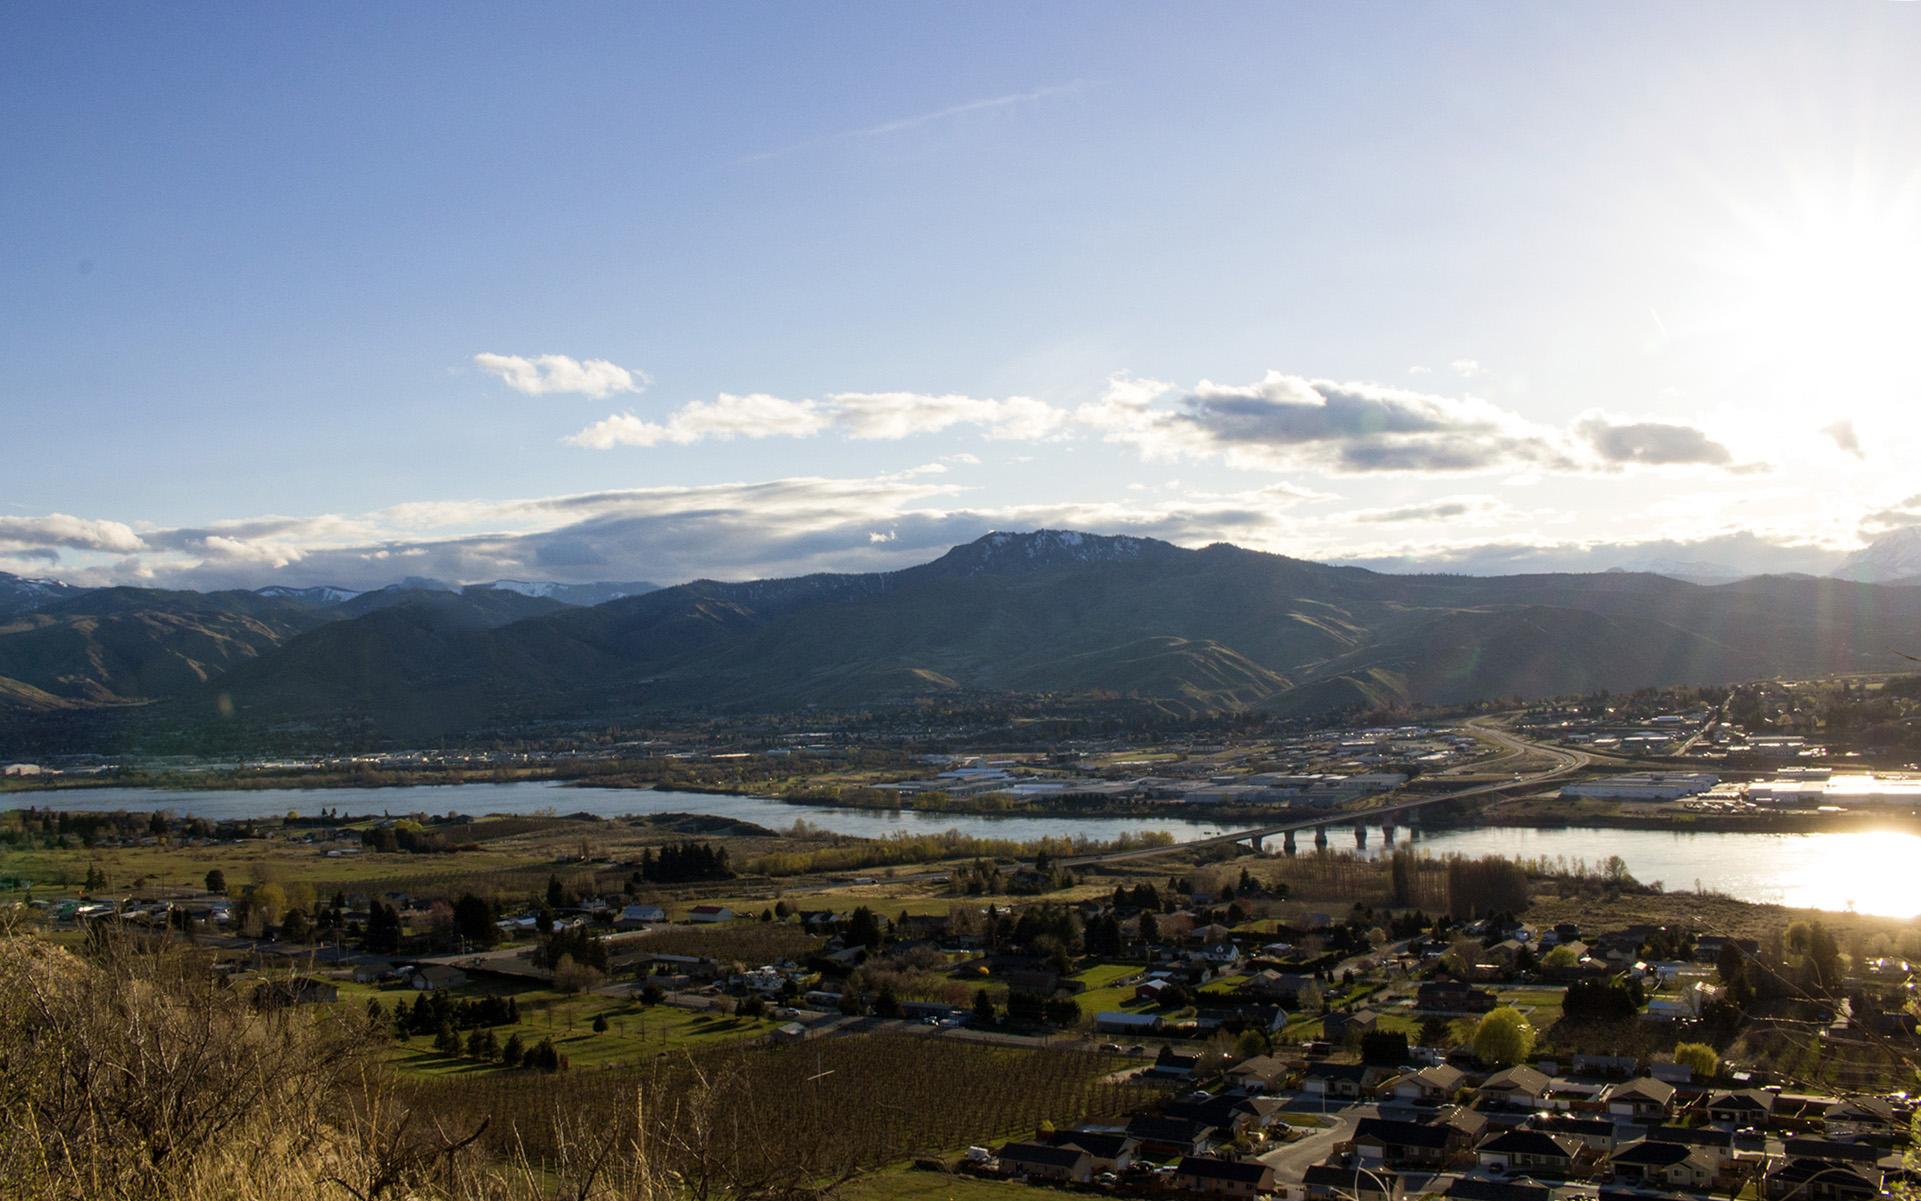 Wenatchee Valley in Chelan County, Washington.